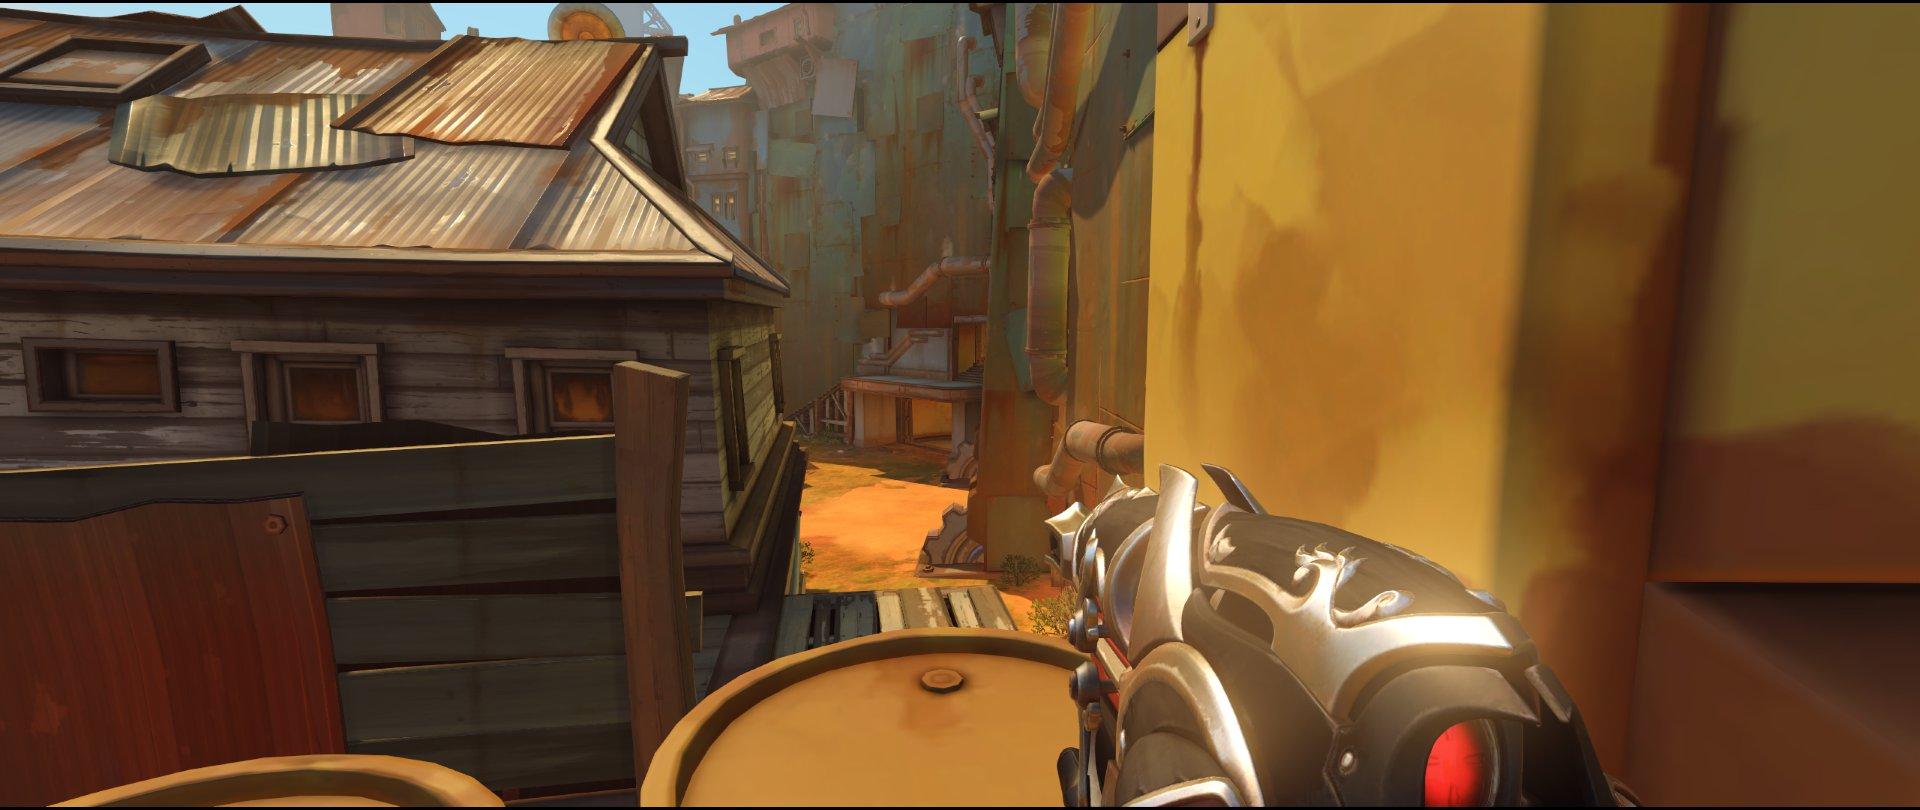 Barrels near cinema attack Widowmaker sniping spot Junkertown.jpg